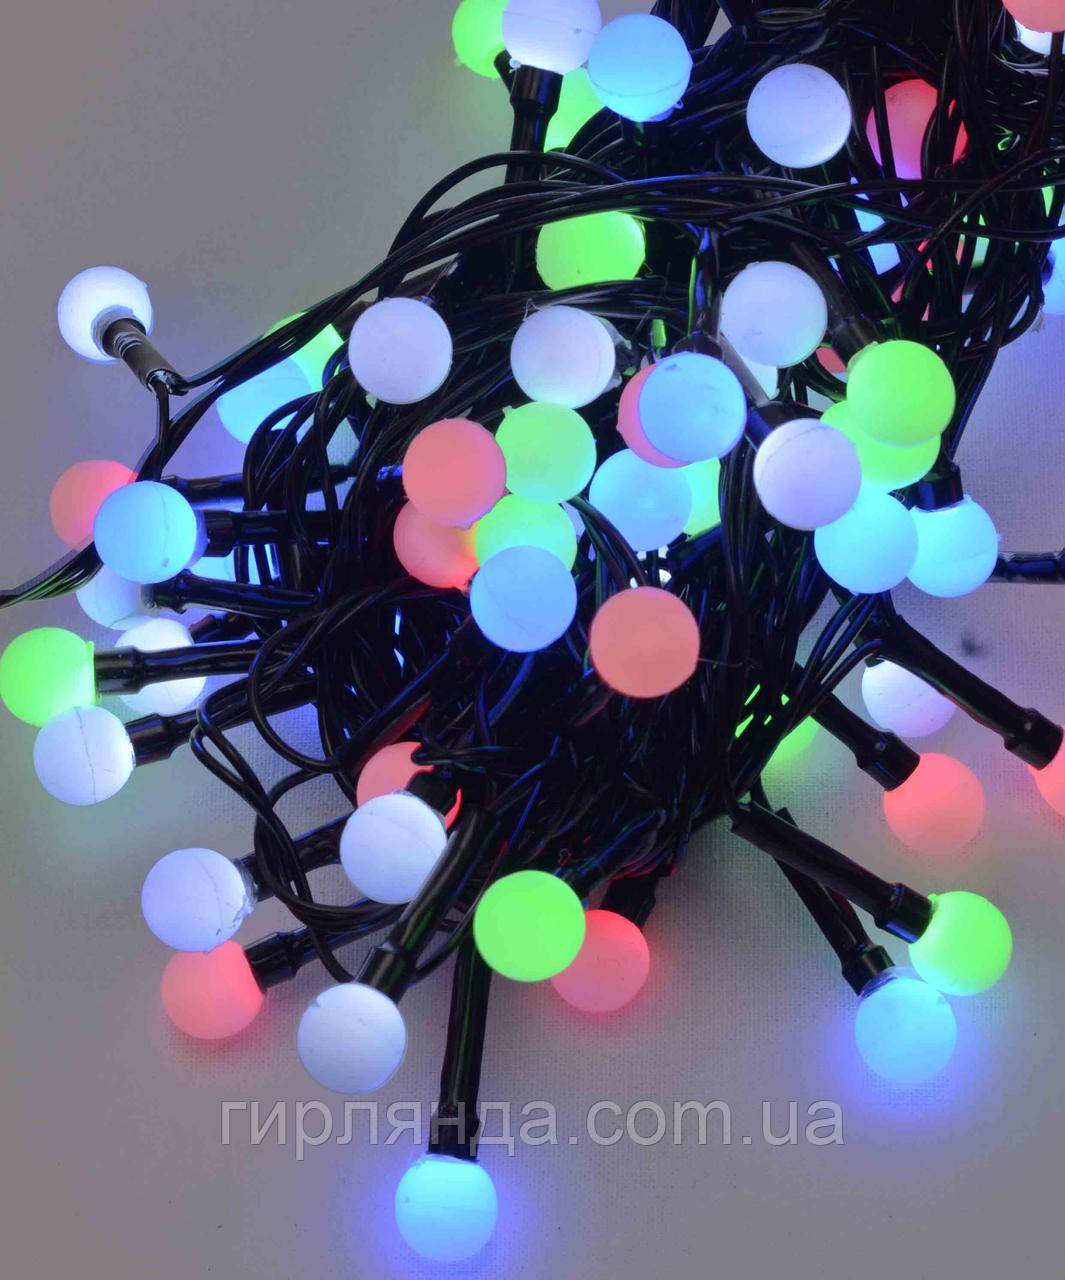 Кульки 10мм  200 LED  чорний провід 10м мульті